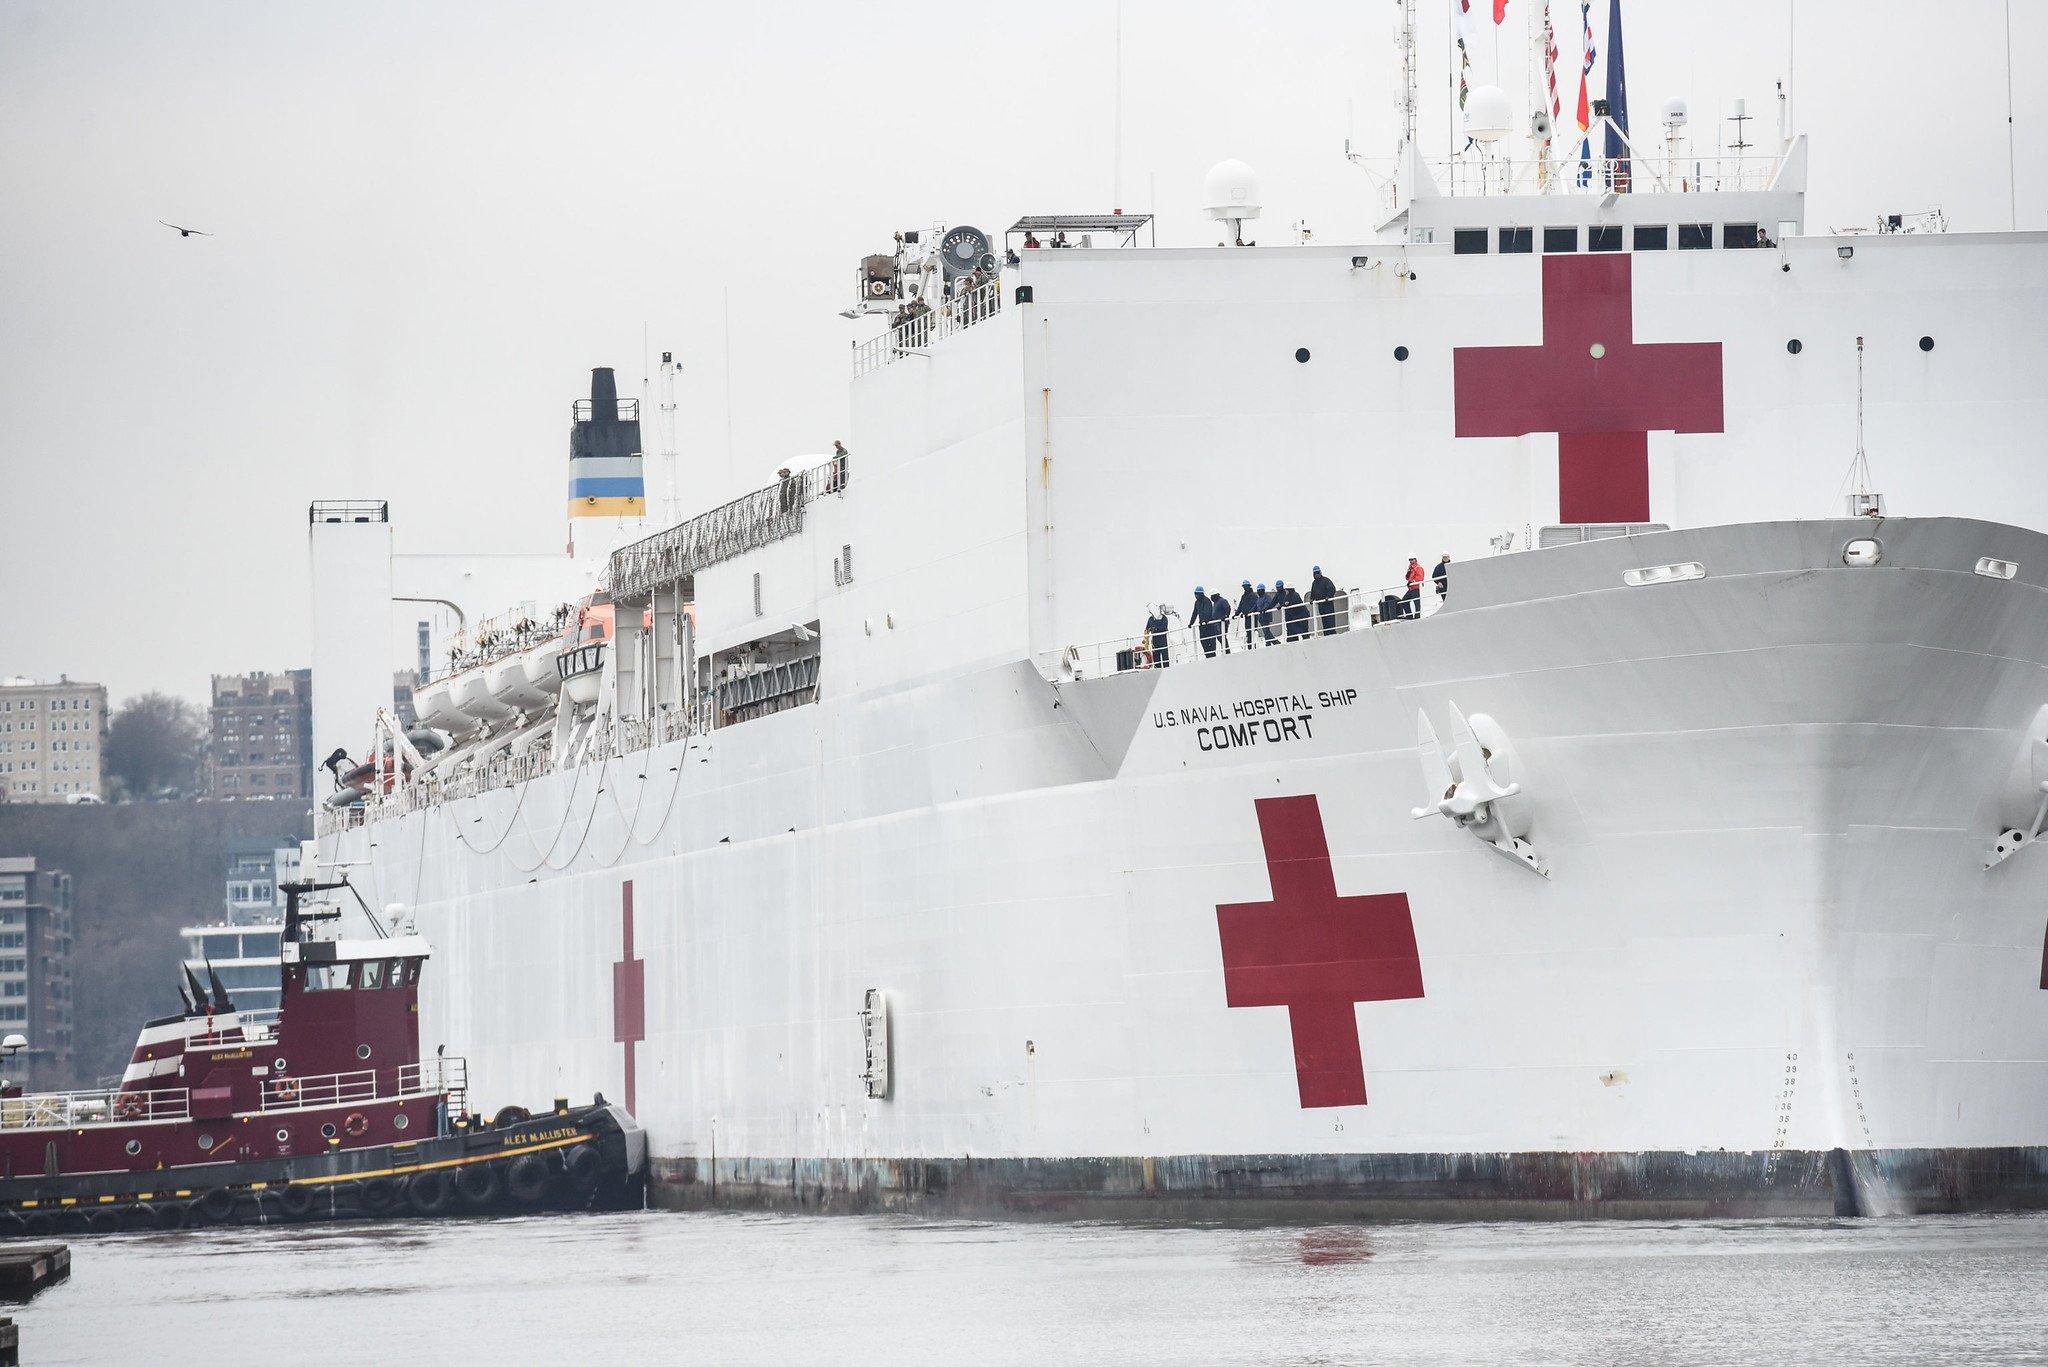 Hospital ship sails into NY